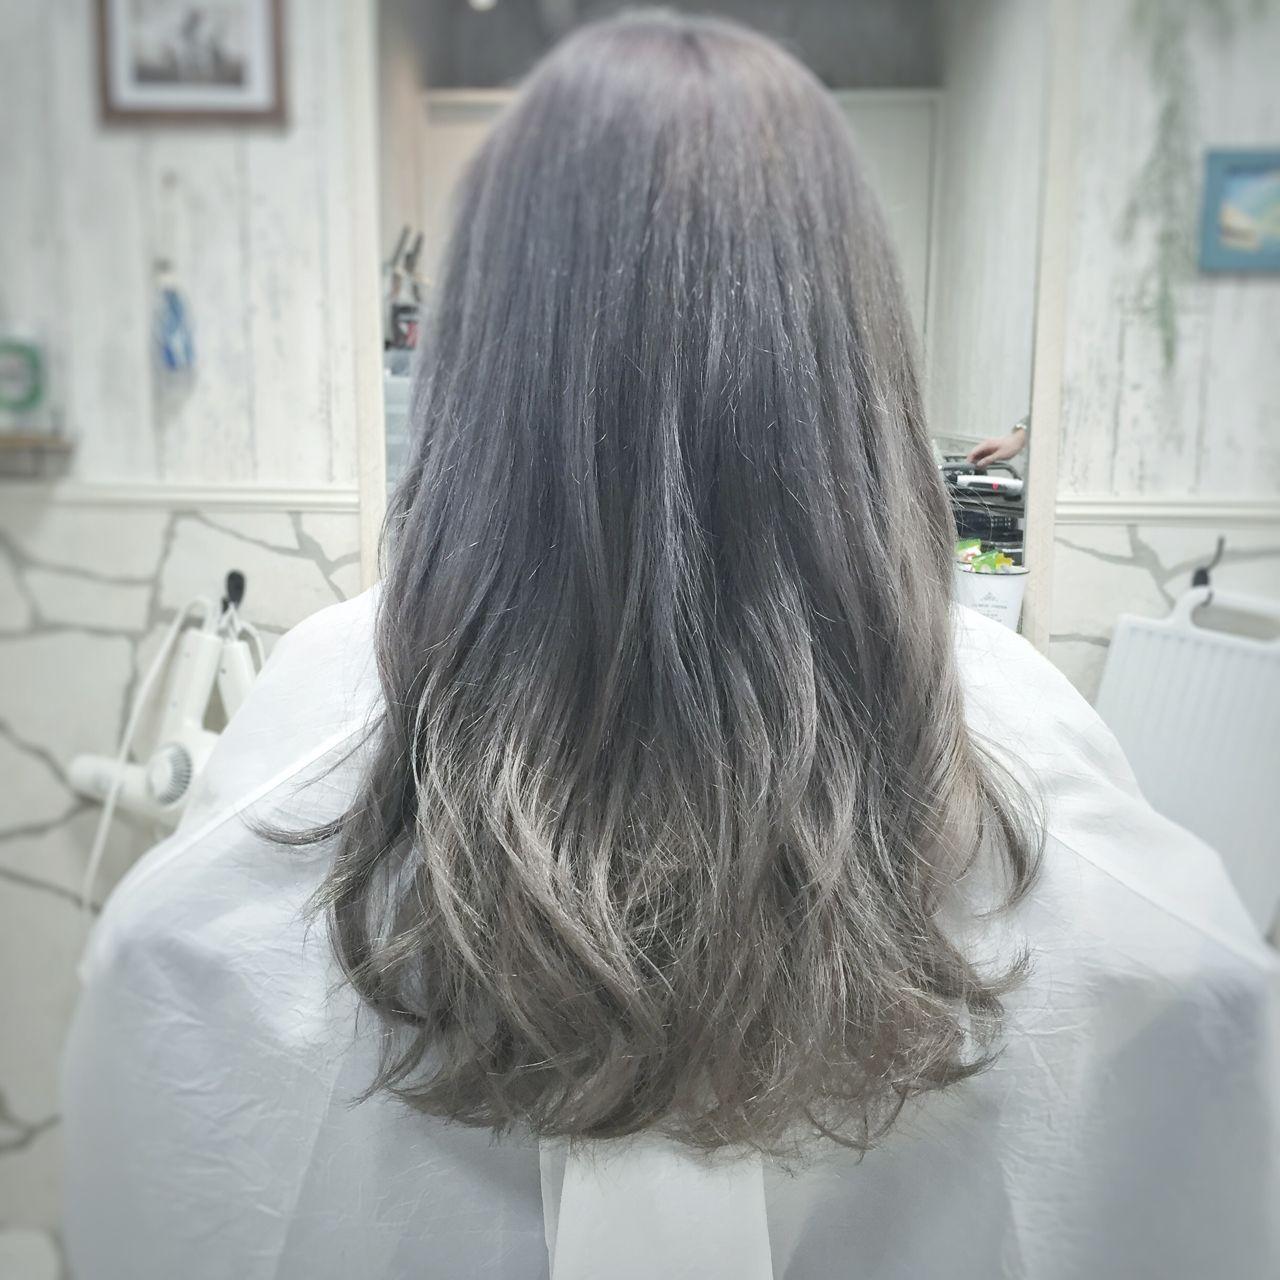 ブリー����実��アッシュグレー髪カタログ♪暗�・明る�自由